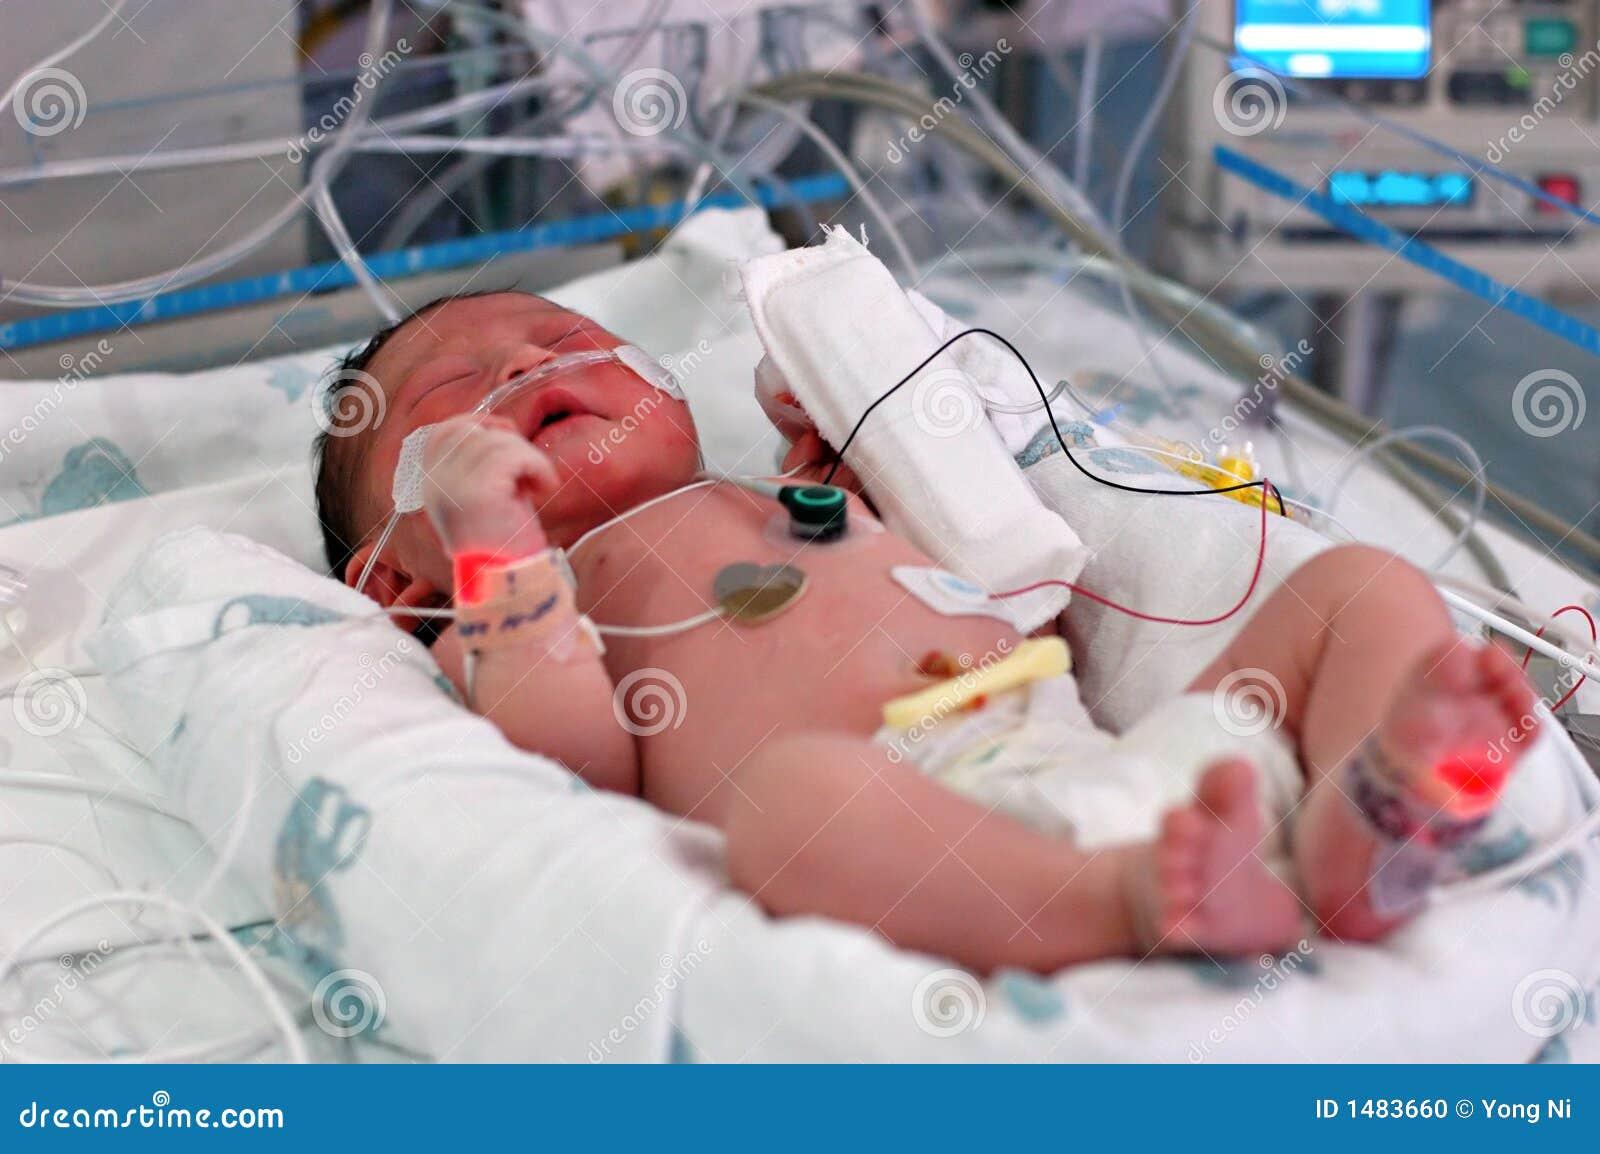 Infant in NICU